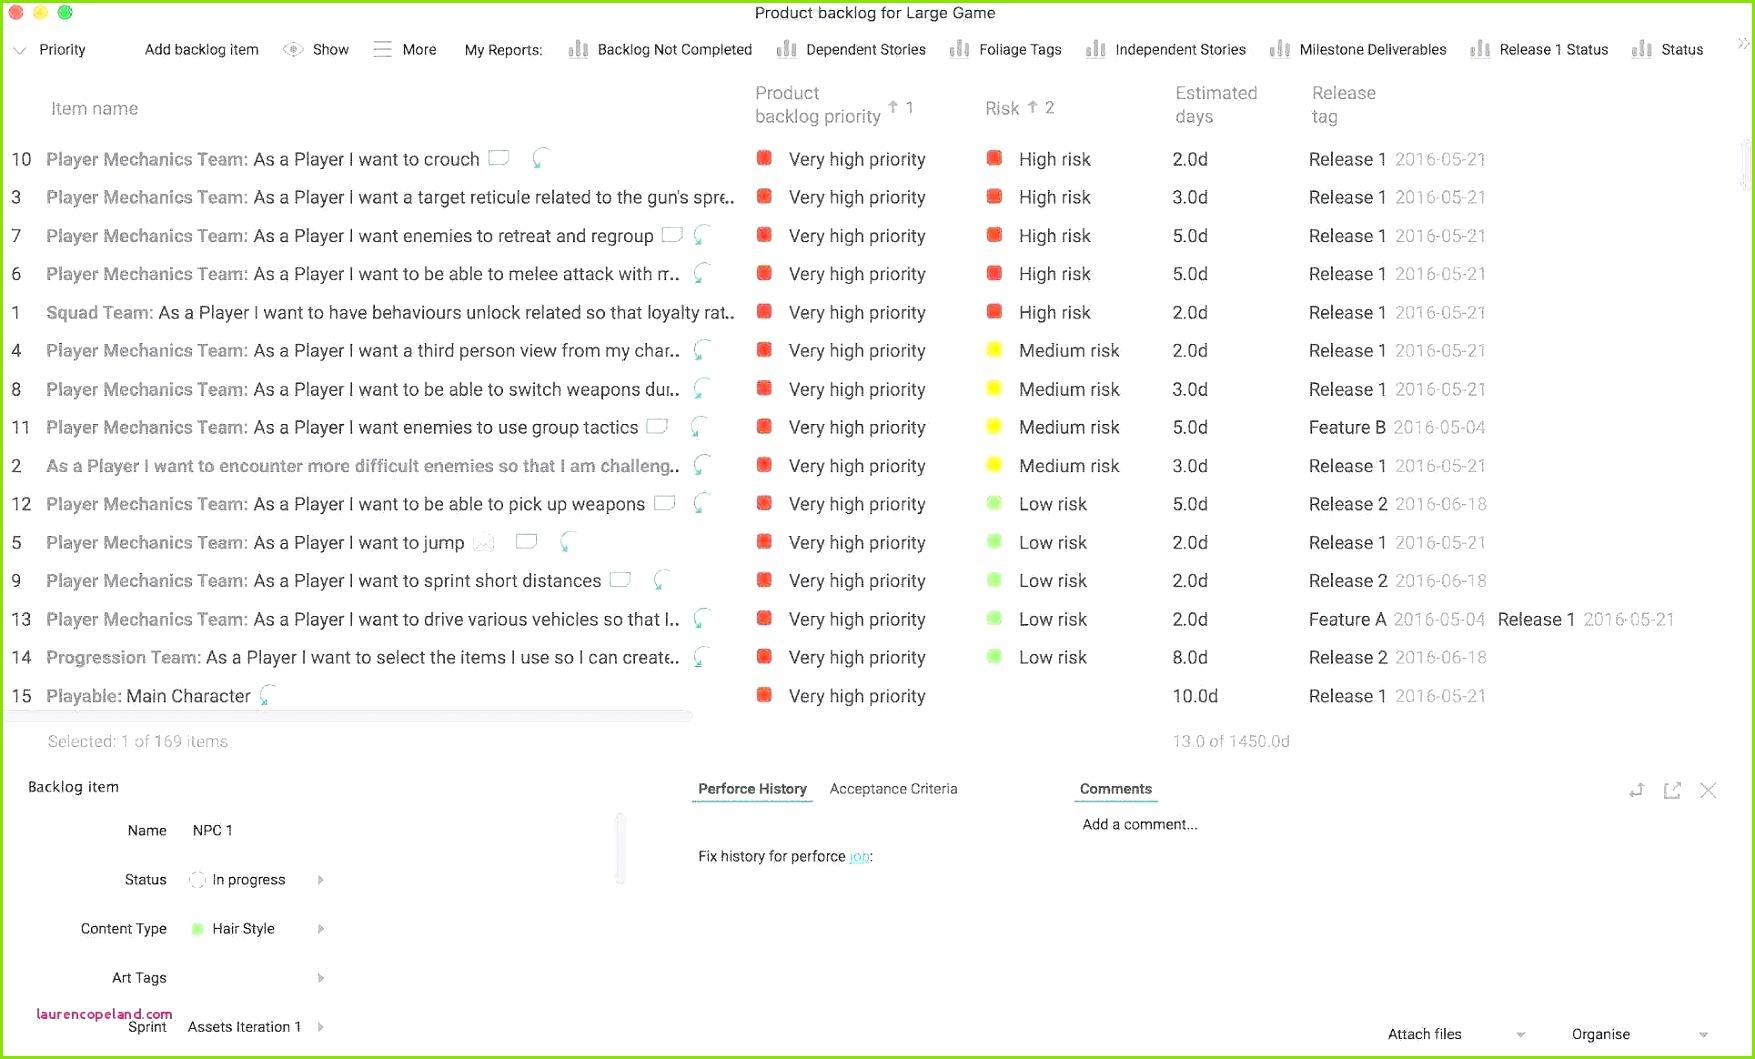 Outlook Vorlage Erstellen Frisch 52 Openoffice Vorlagen Download Laurencopeland